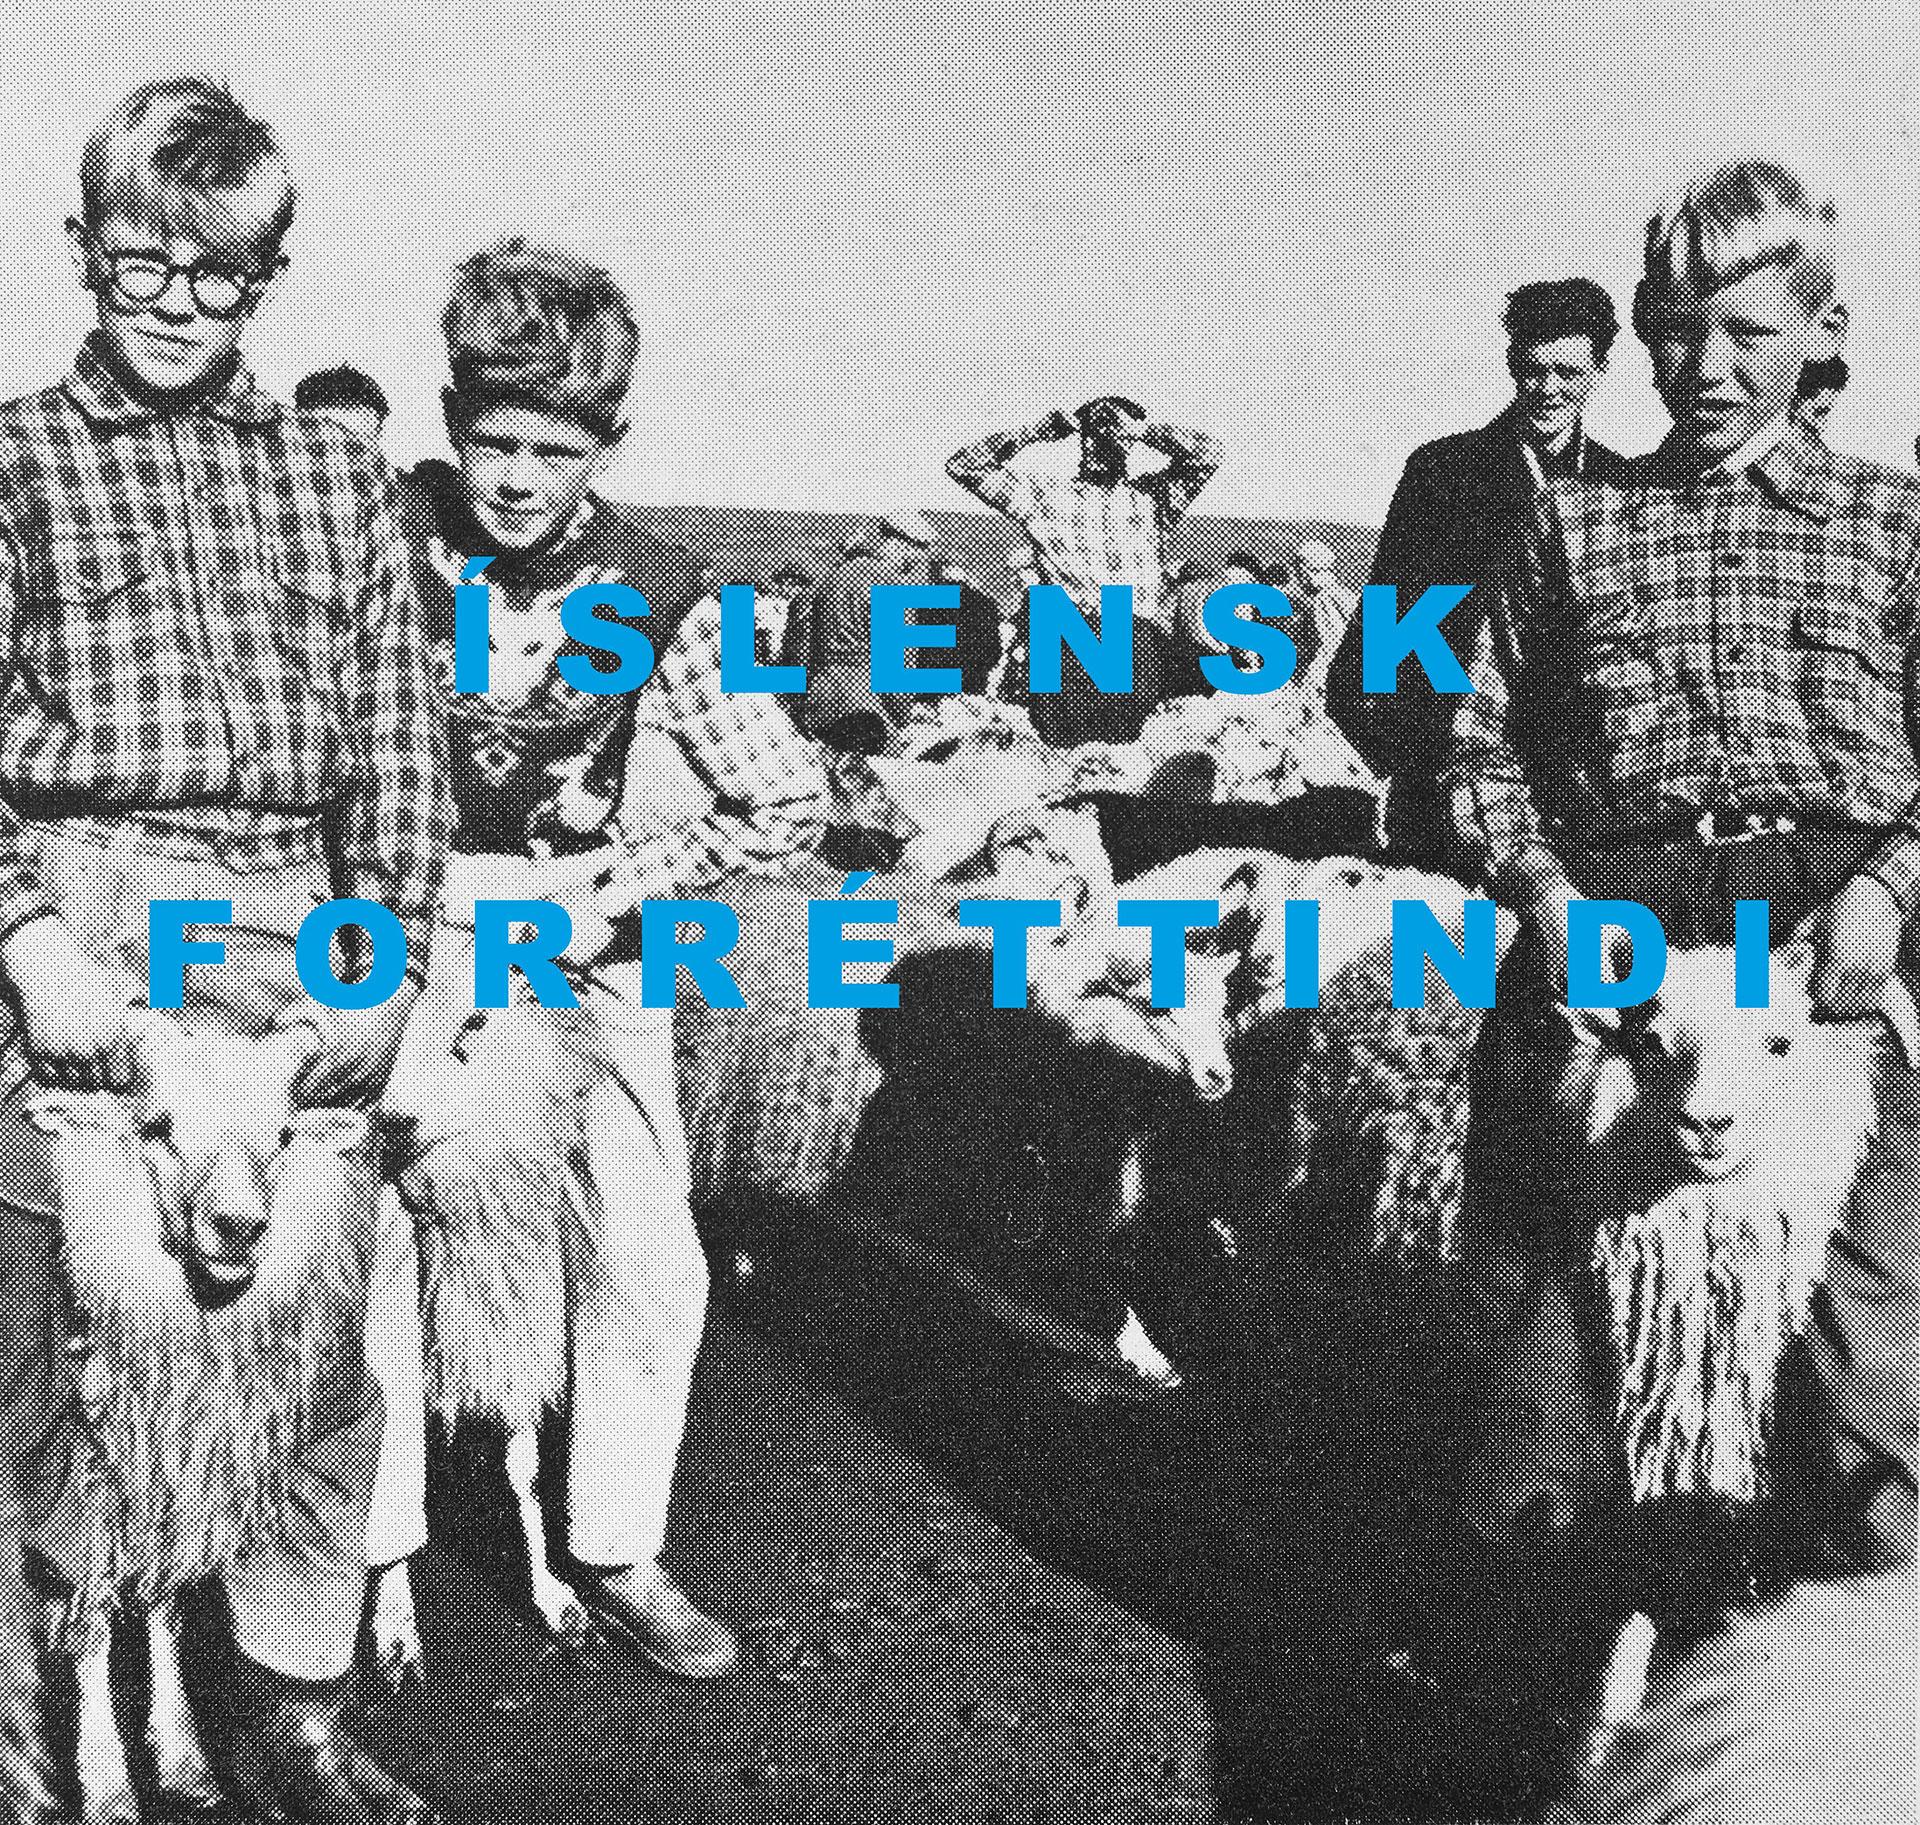 Um þrettán hundruð orð: Jóna Hlíf í Listasafninu á Akureyri